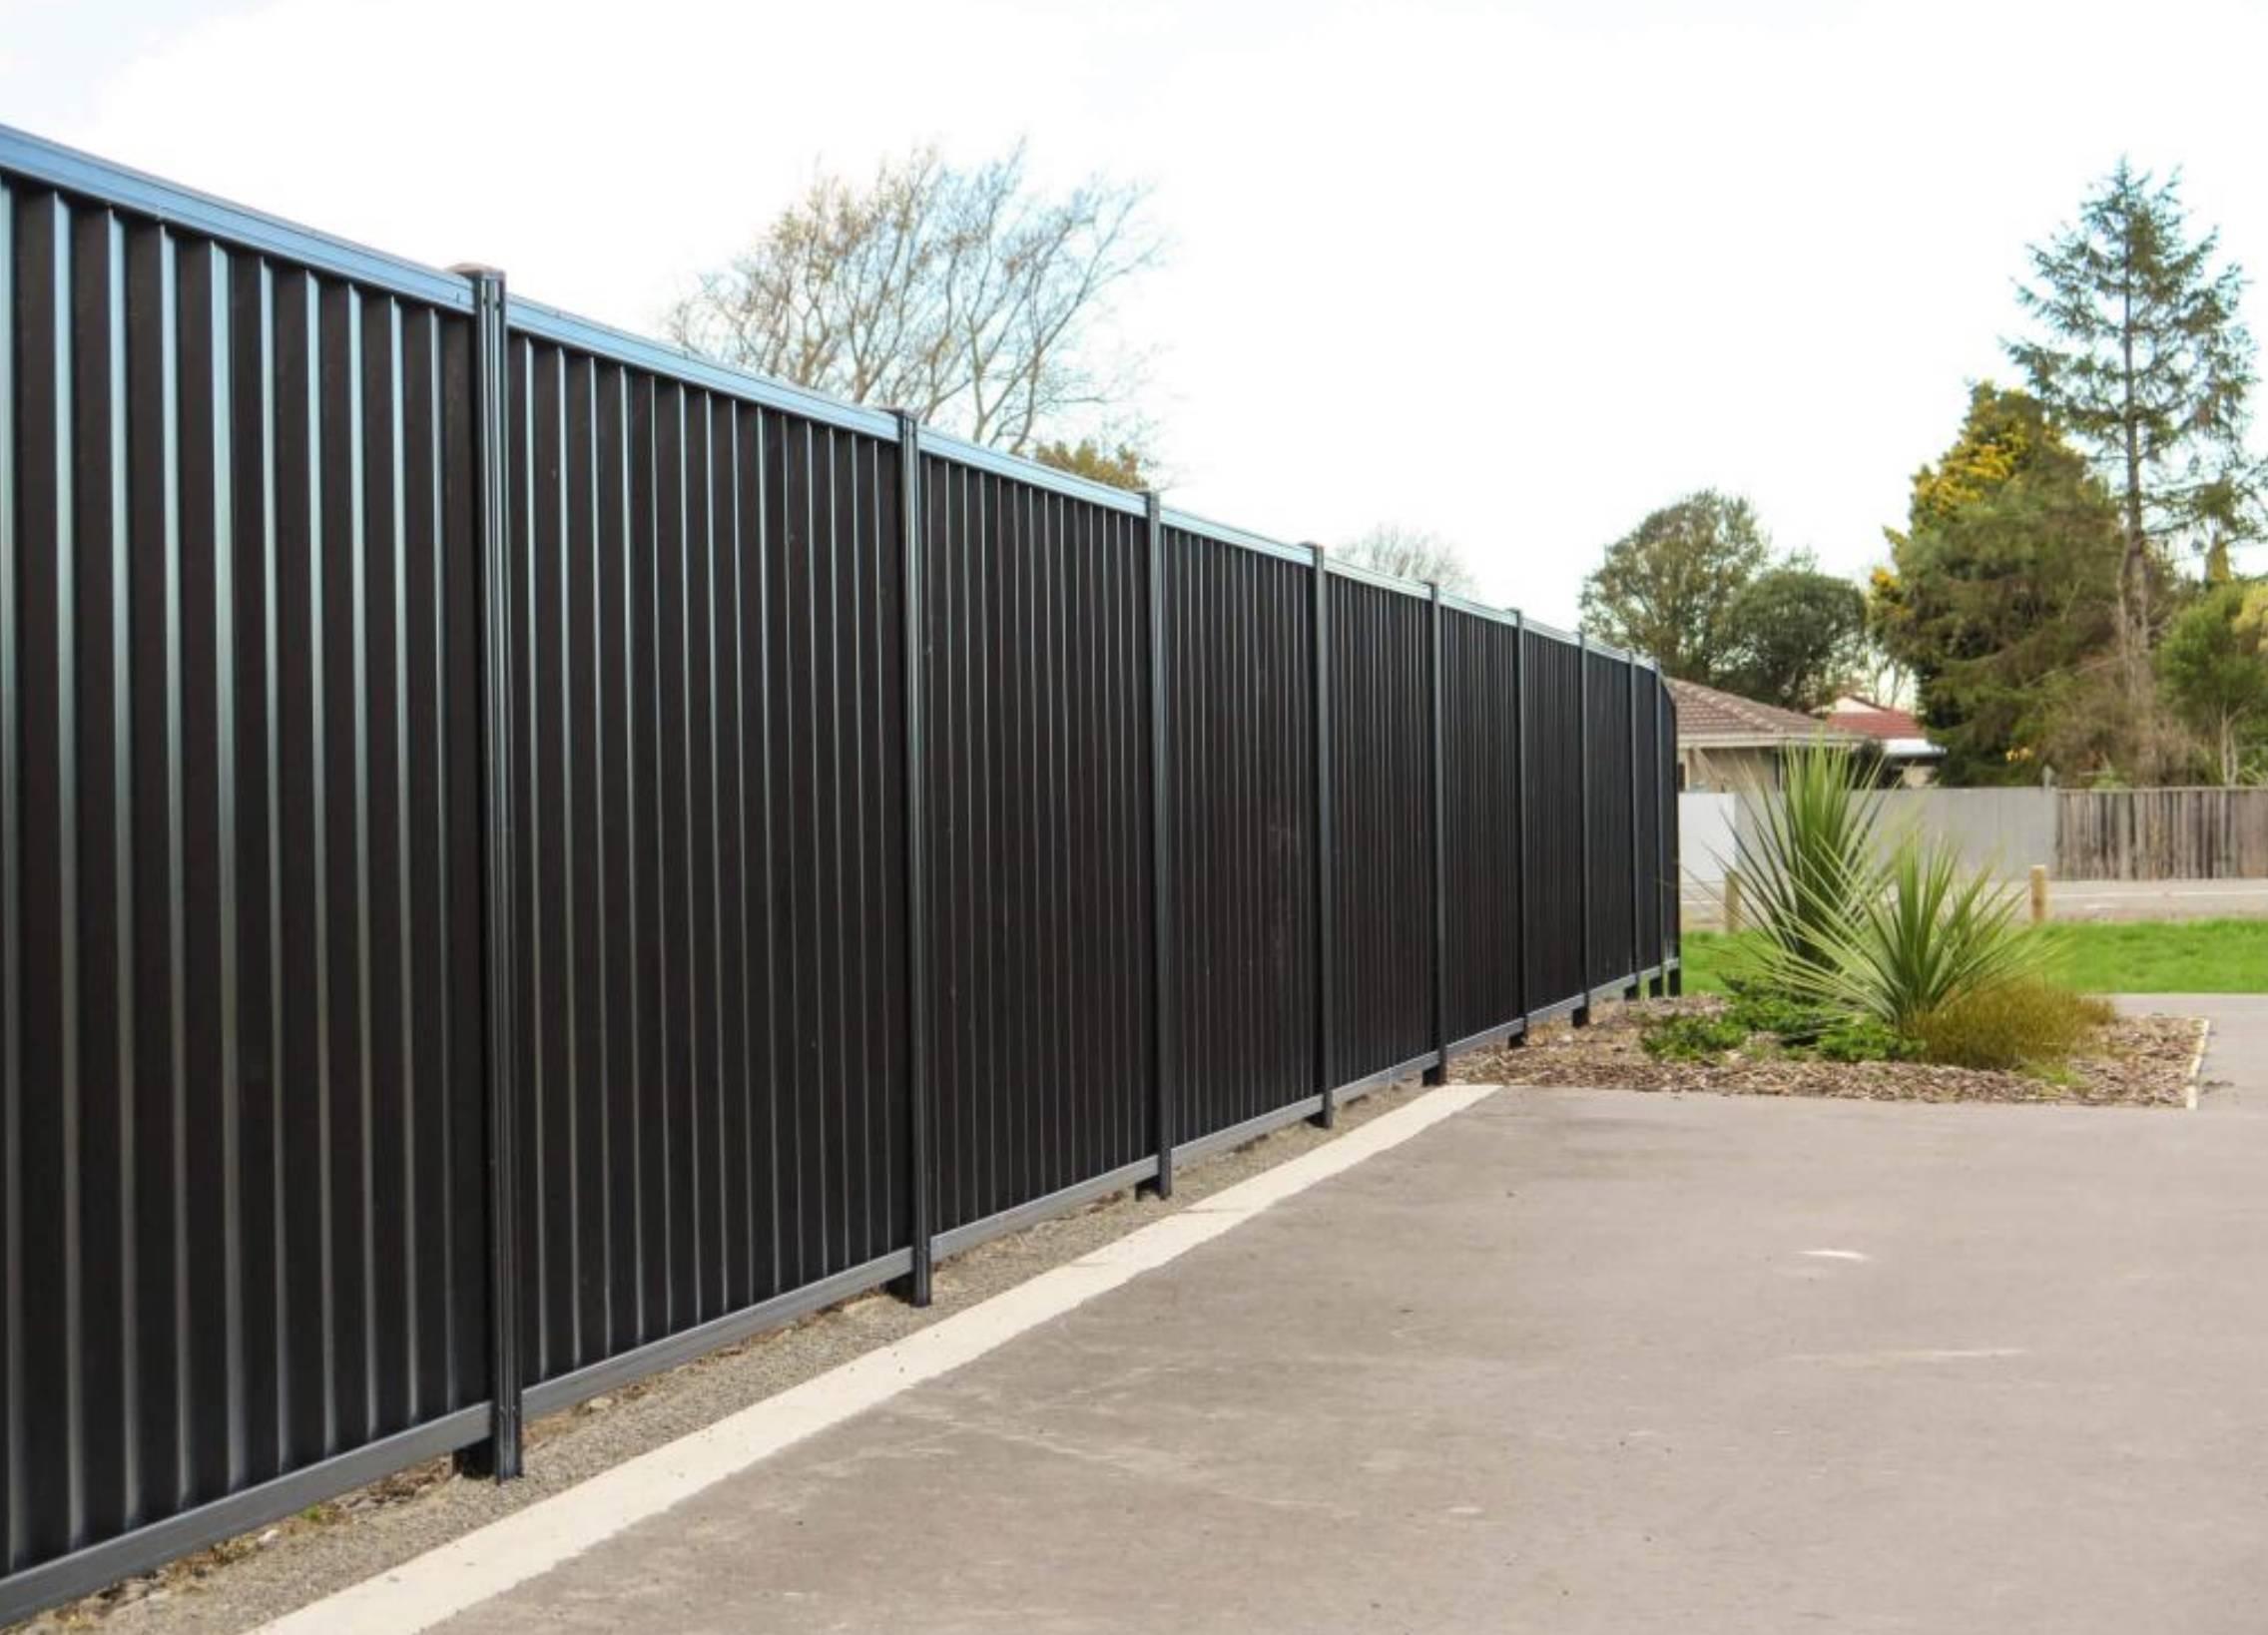 Забор из профнастила — 100 фото готовых примеров! инструкция как сделать своими руками.